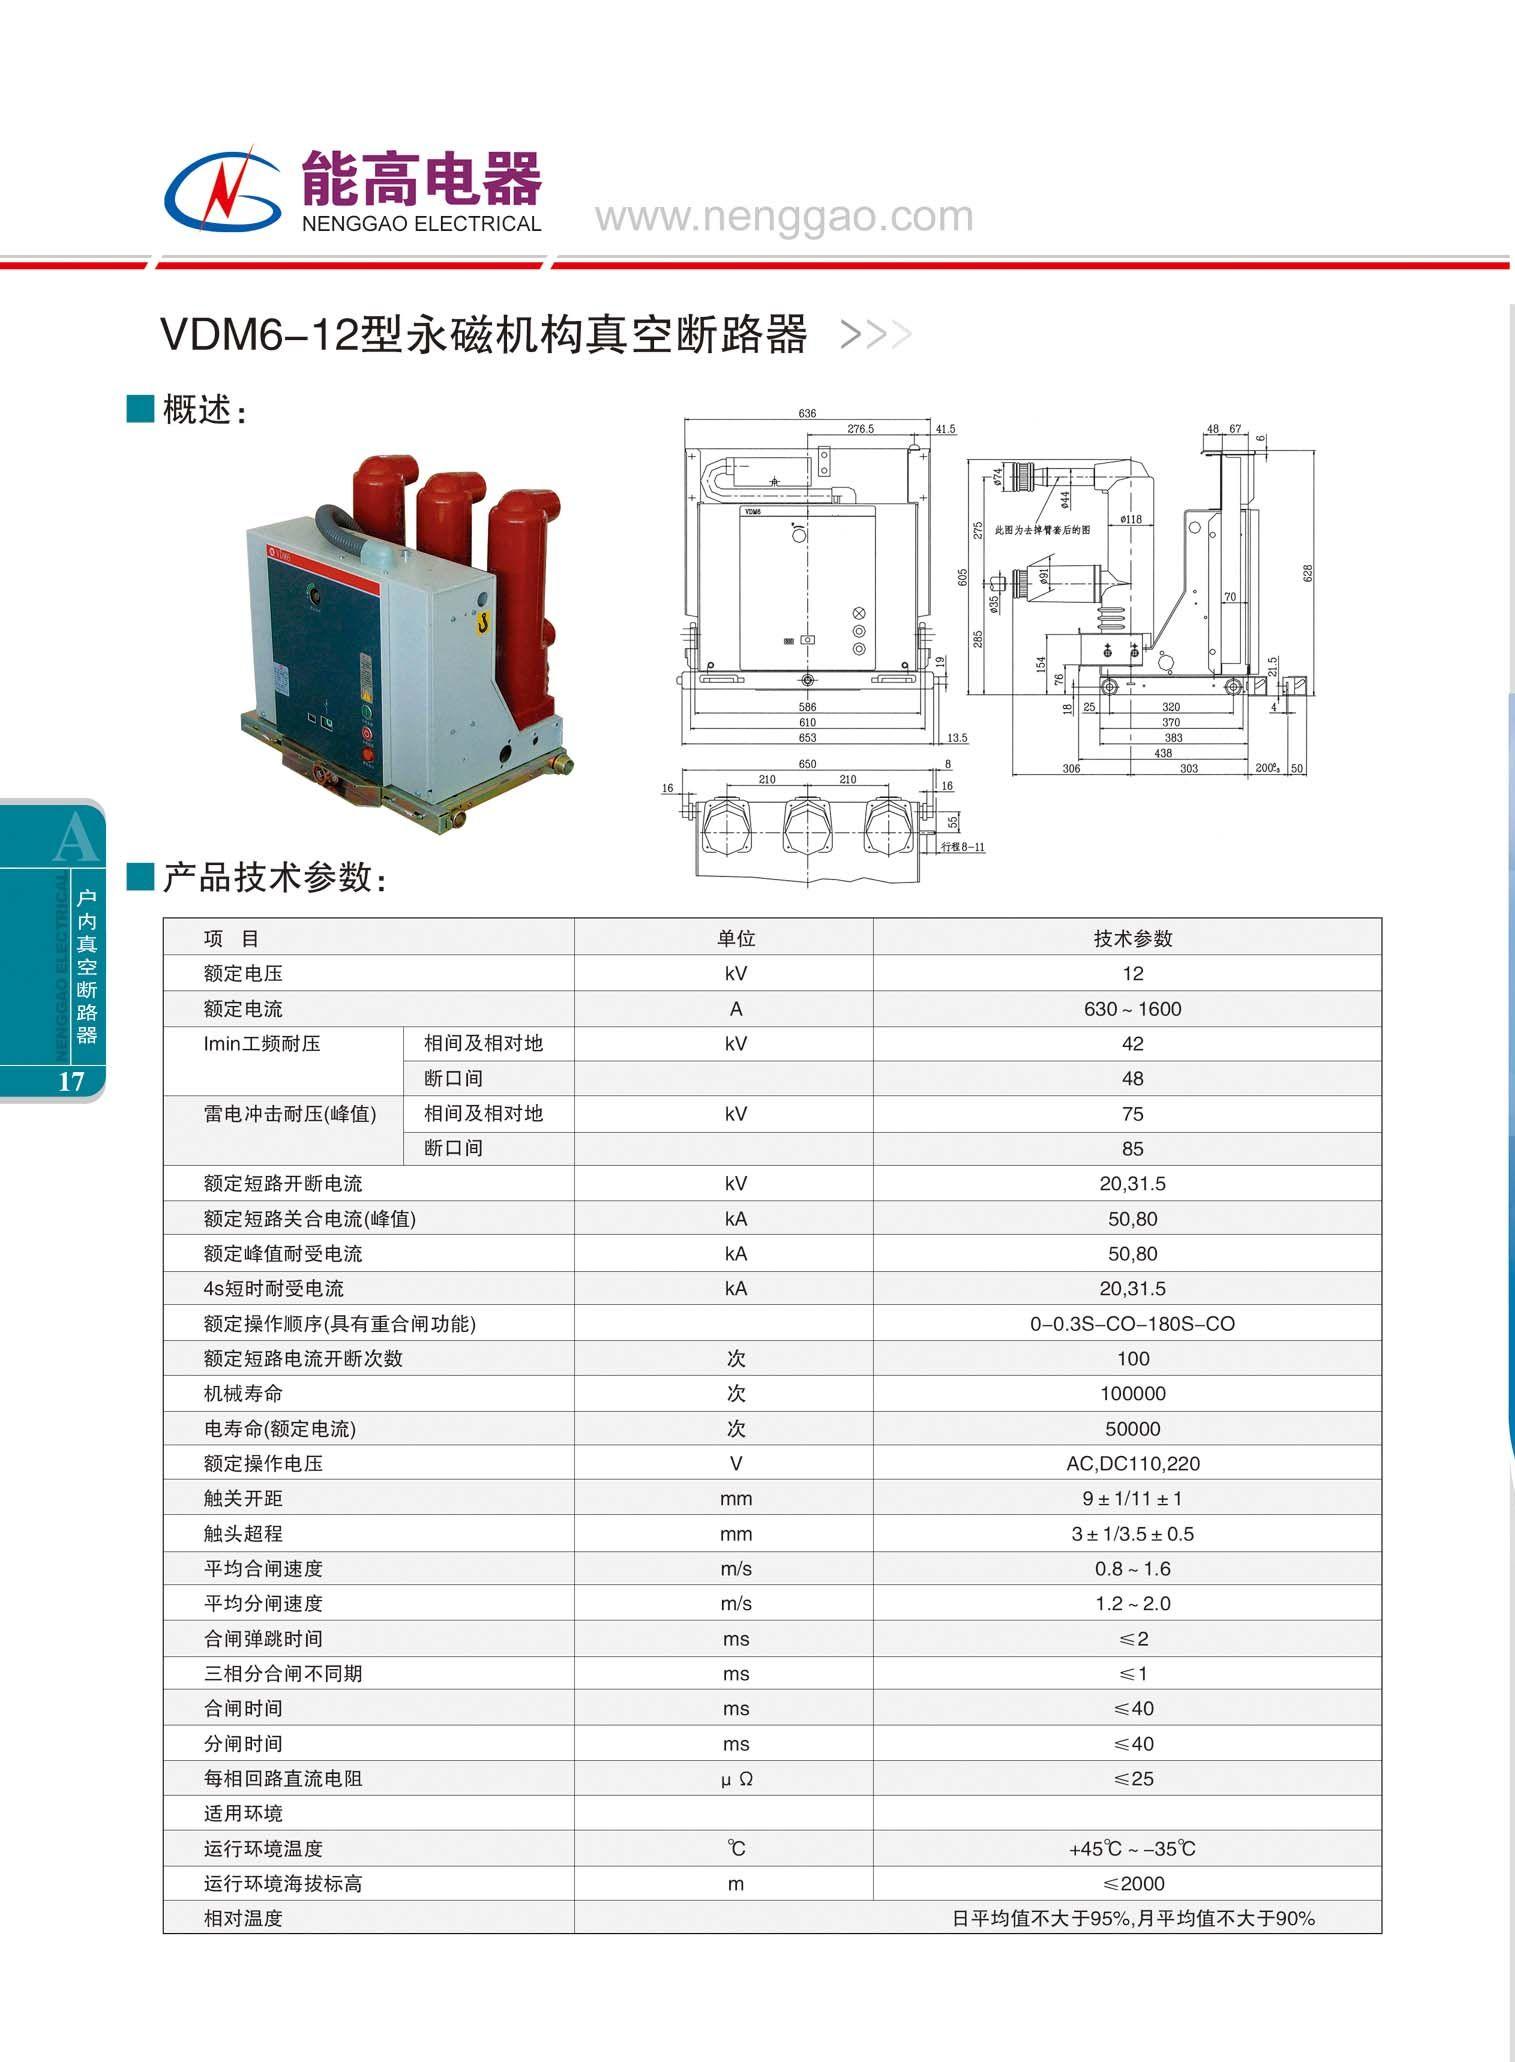 VDM6-12型永磁机构真空断路器(图文)